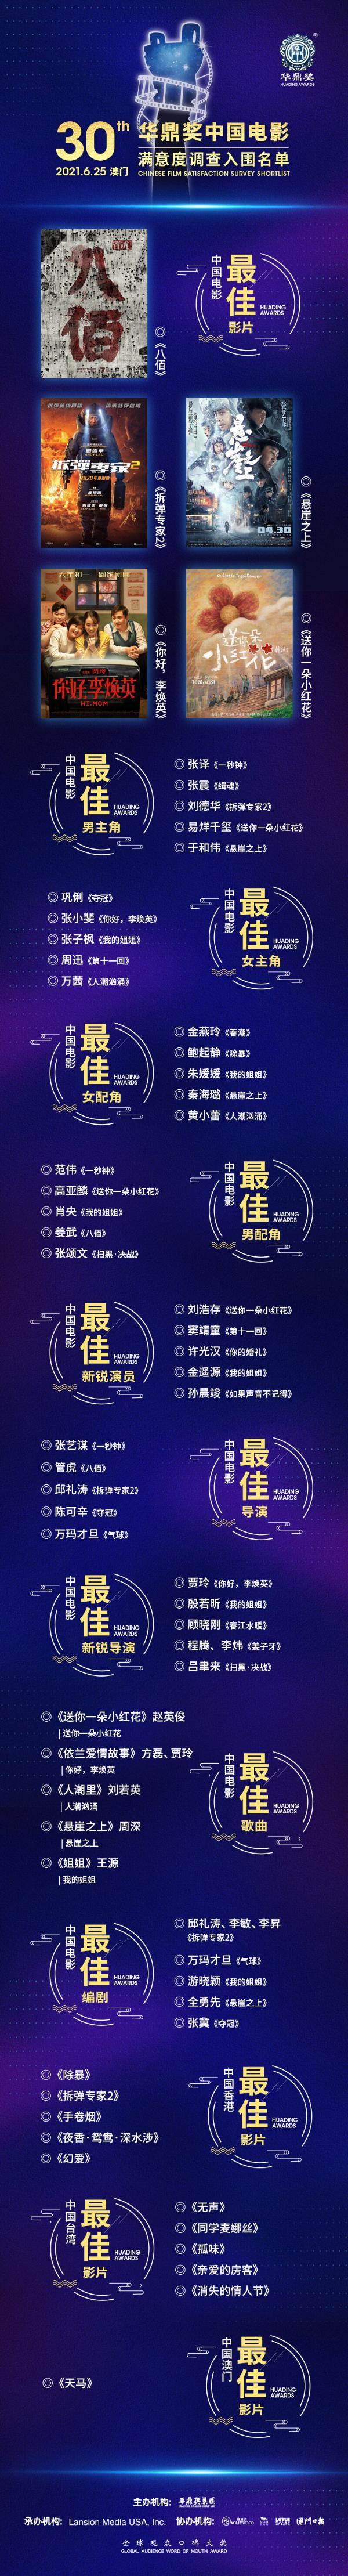 第30届华鼎奖提名揭晓,张译刘德华于和伟等角逐影帝